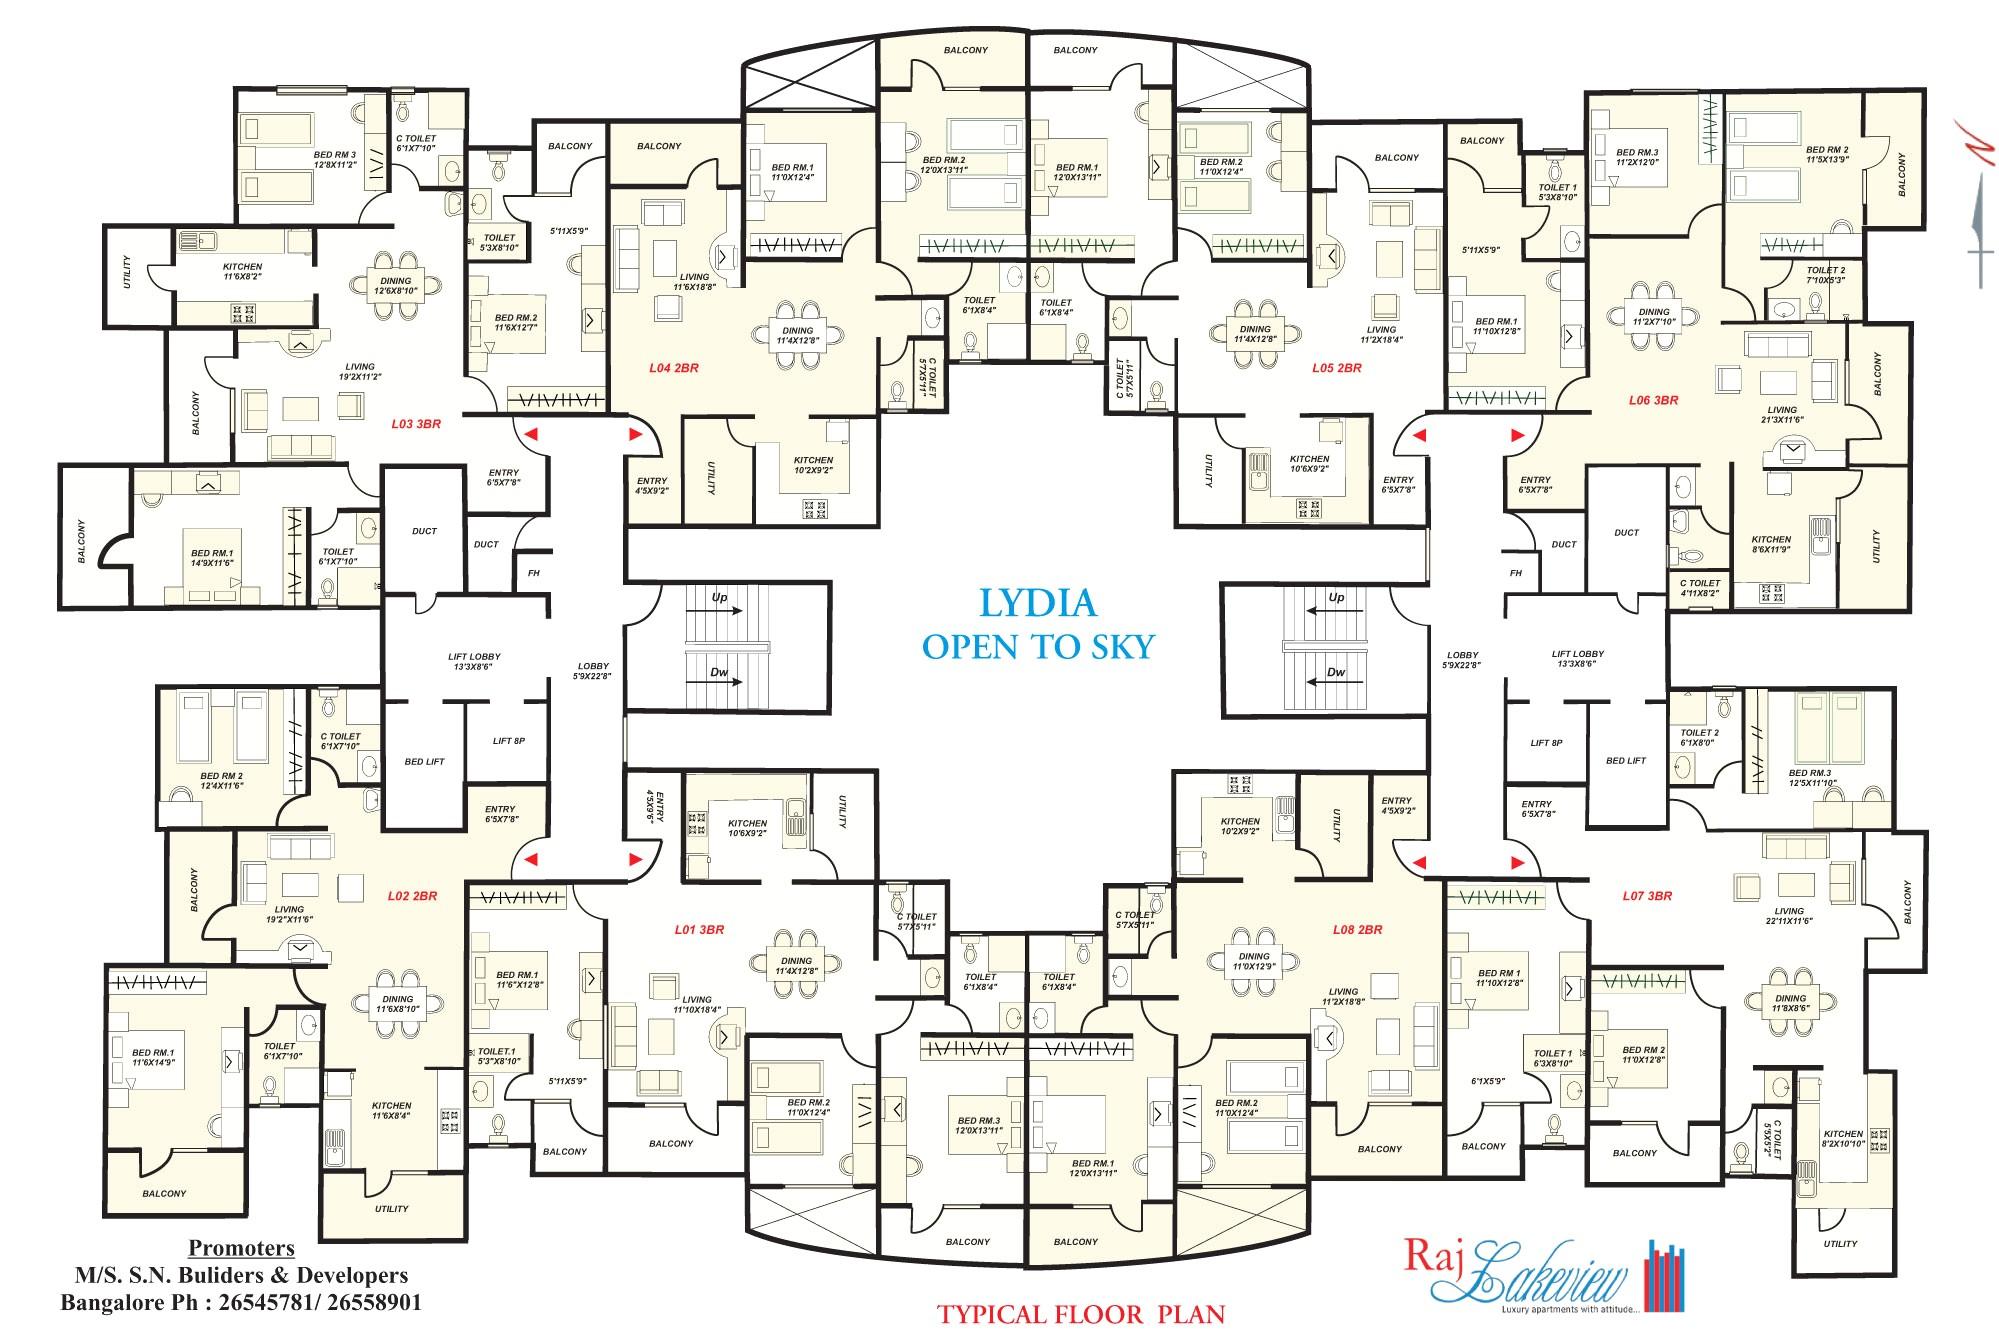 fafsa housing plans